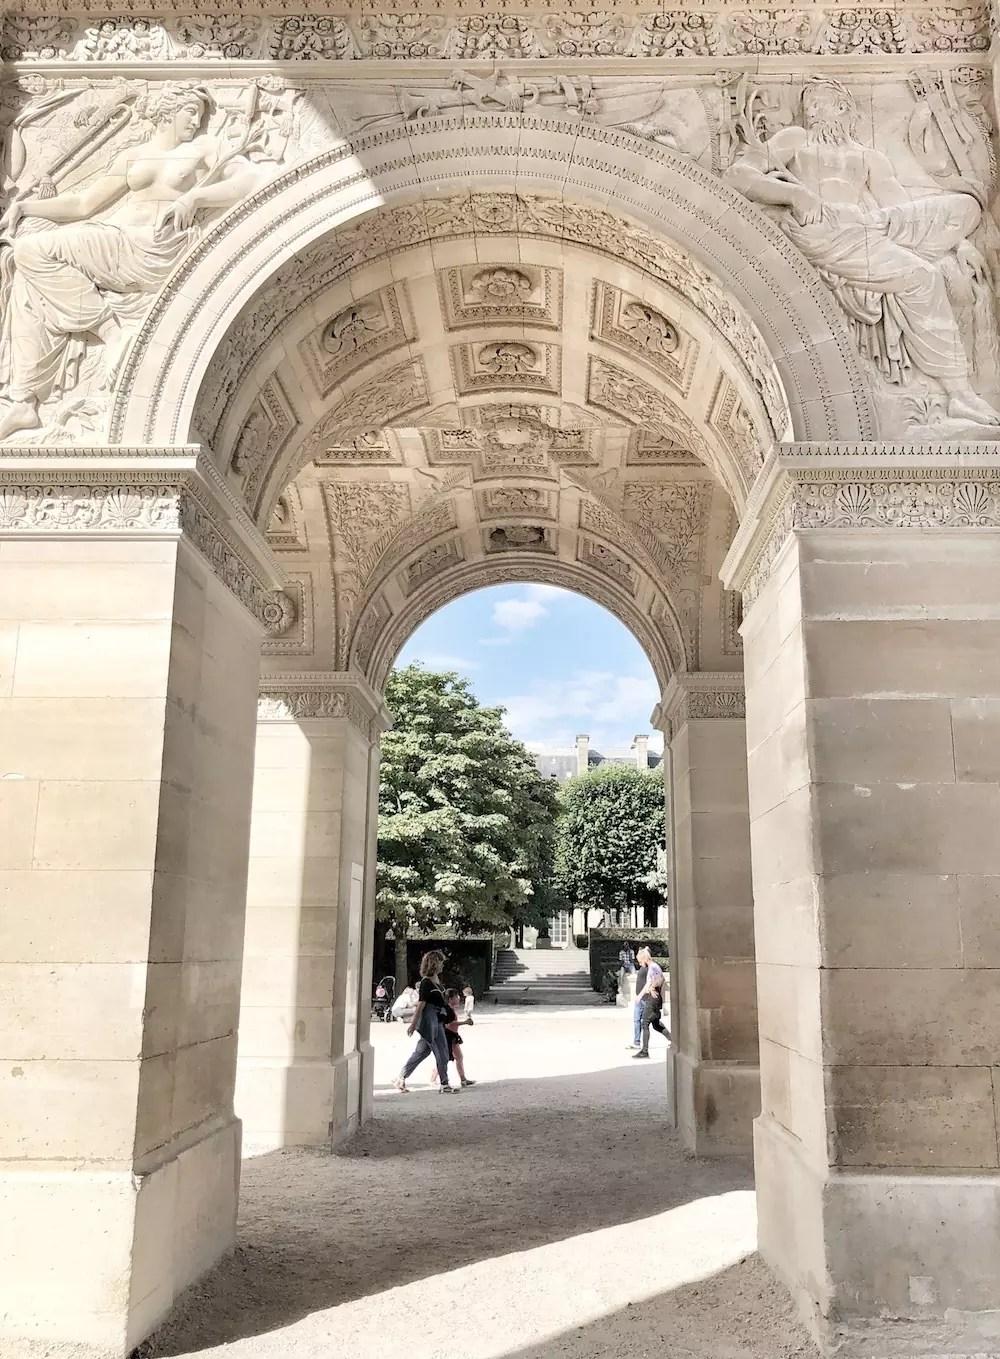 Bezpieczeństwo w Paryżu